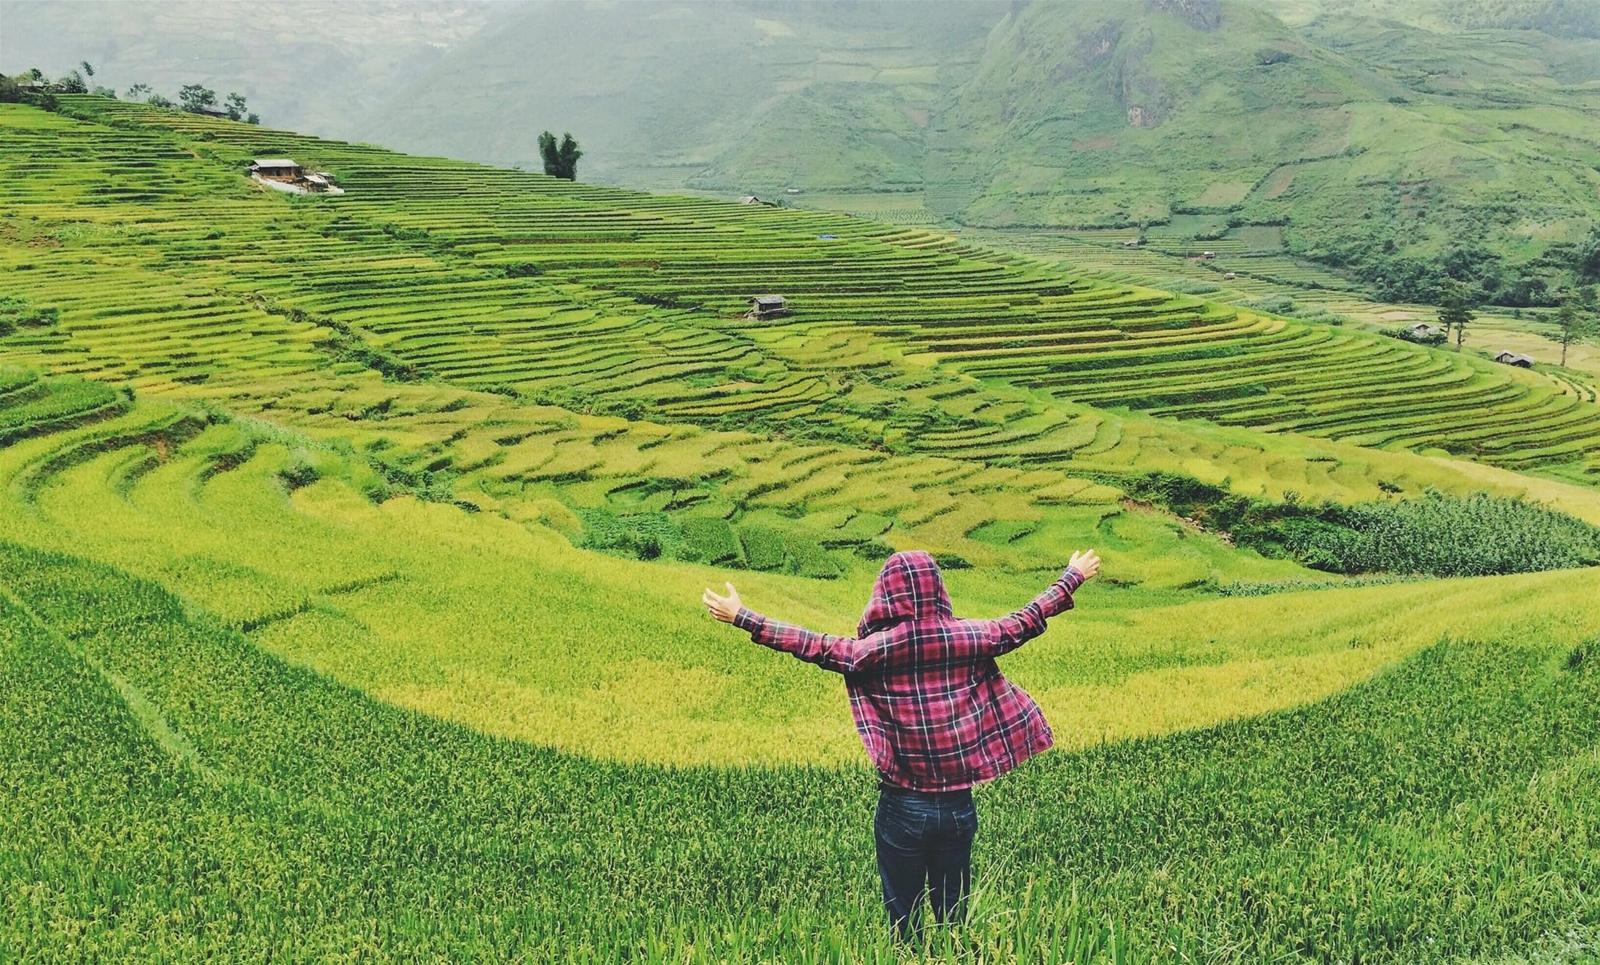 Mù Cang Chải mùa lúa chín - Tiên Phong Travel